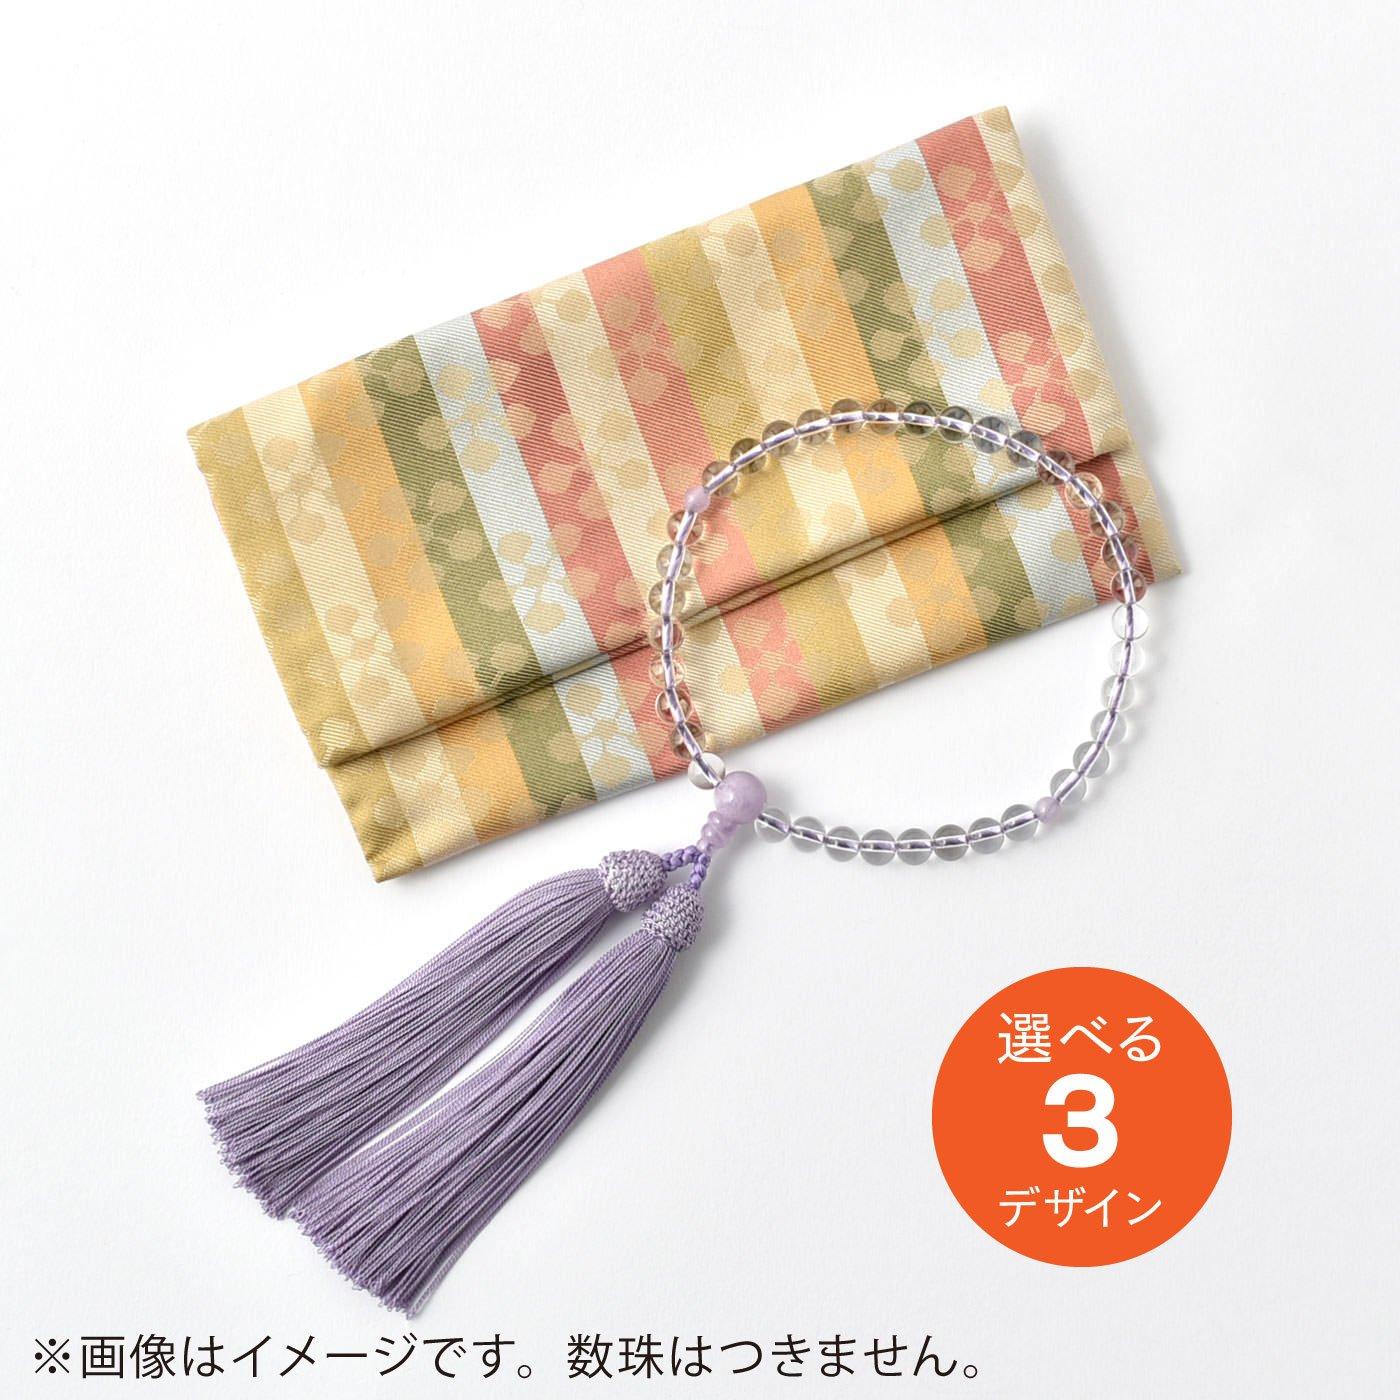 美しい所作になる 数寄屋袋風名物裂(めいぶつぎれ)の数珠袋